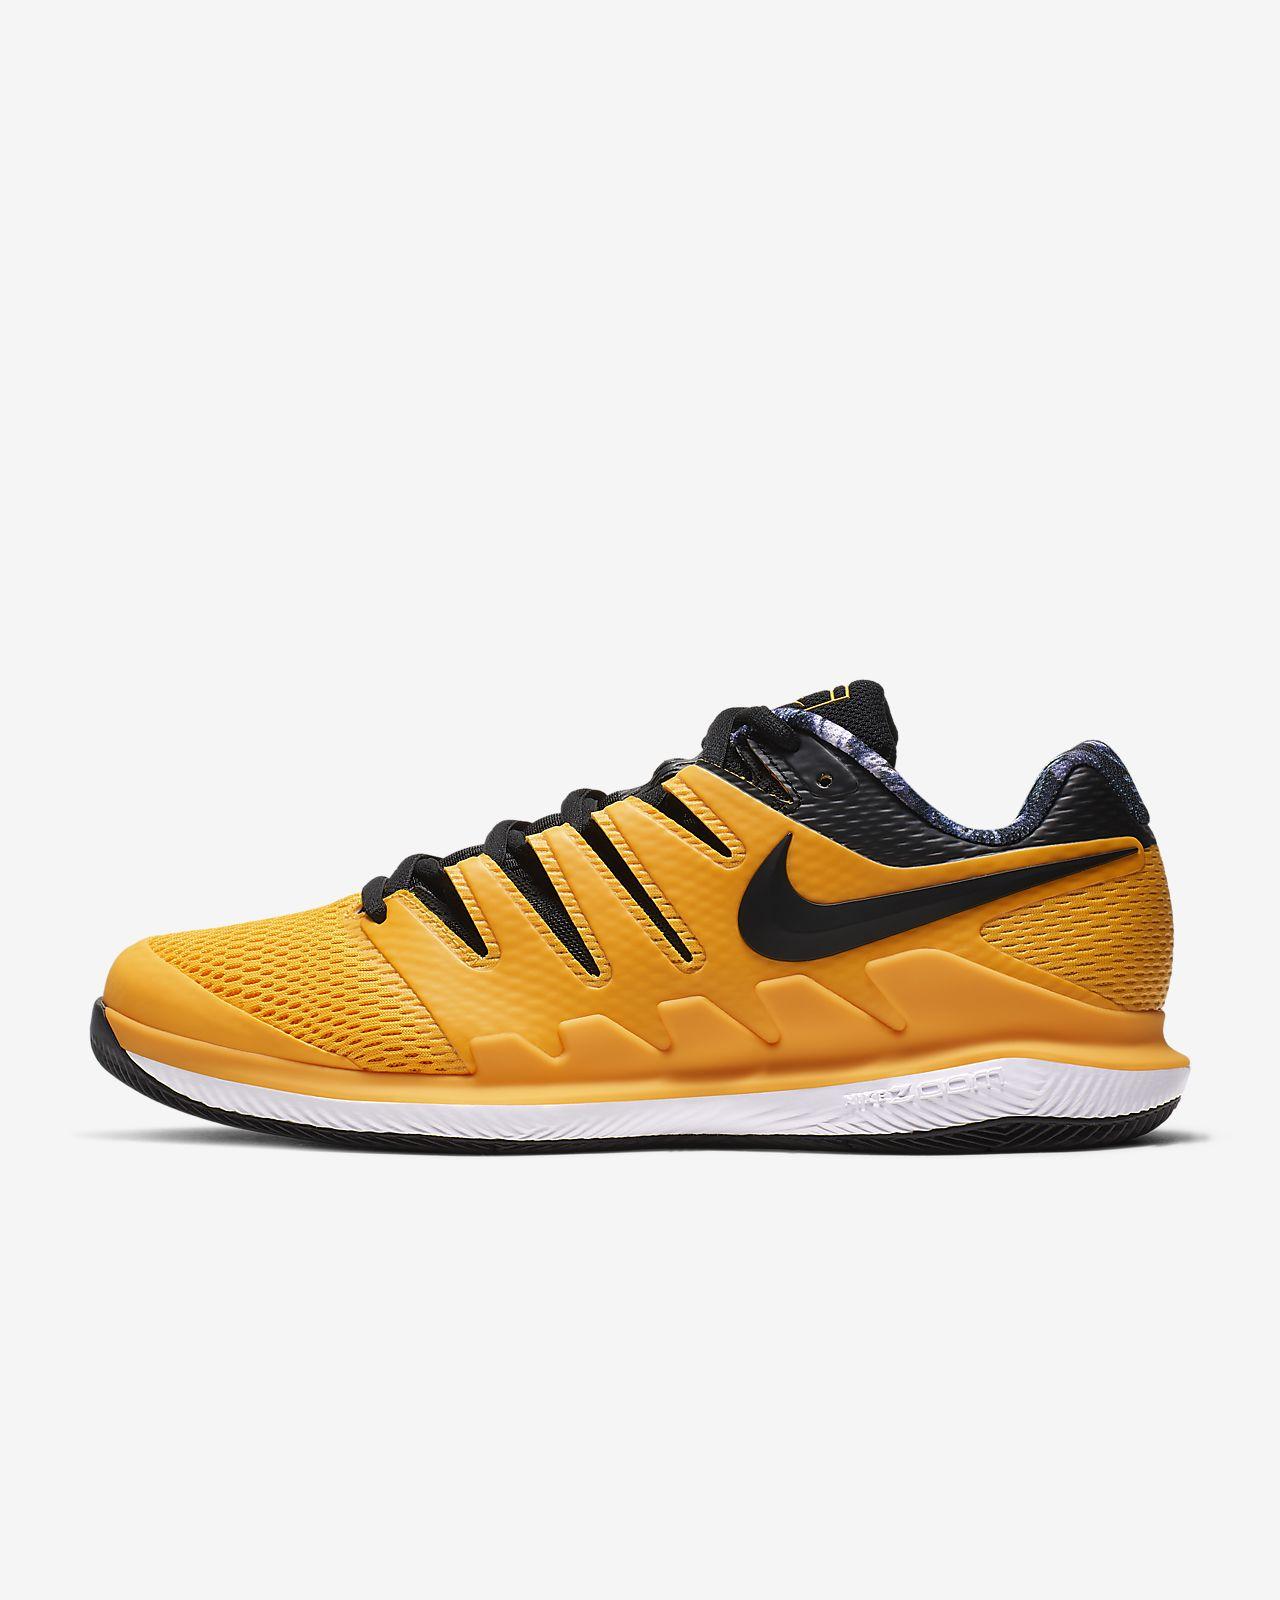 NikeCourt Air Zoom Vapor X tennissko til hard court til herre